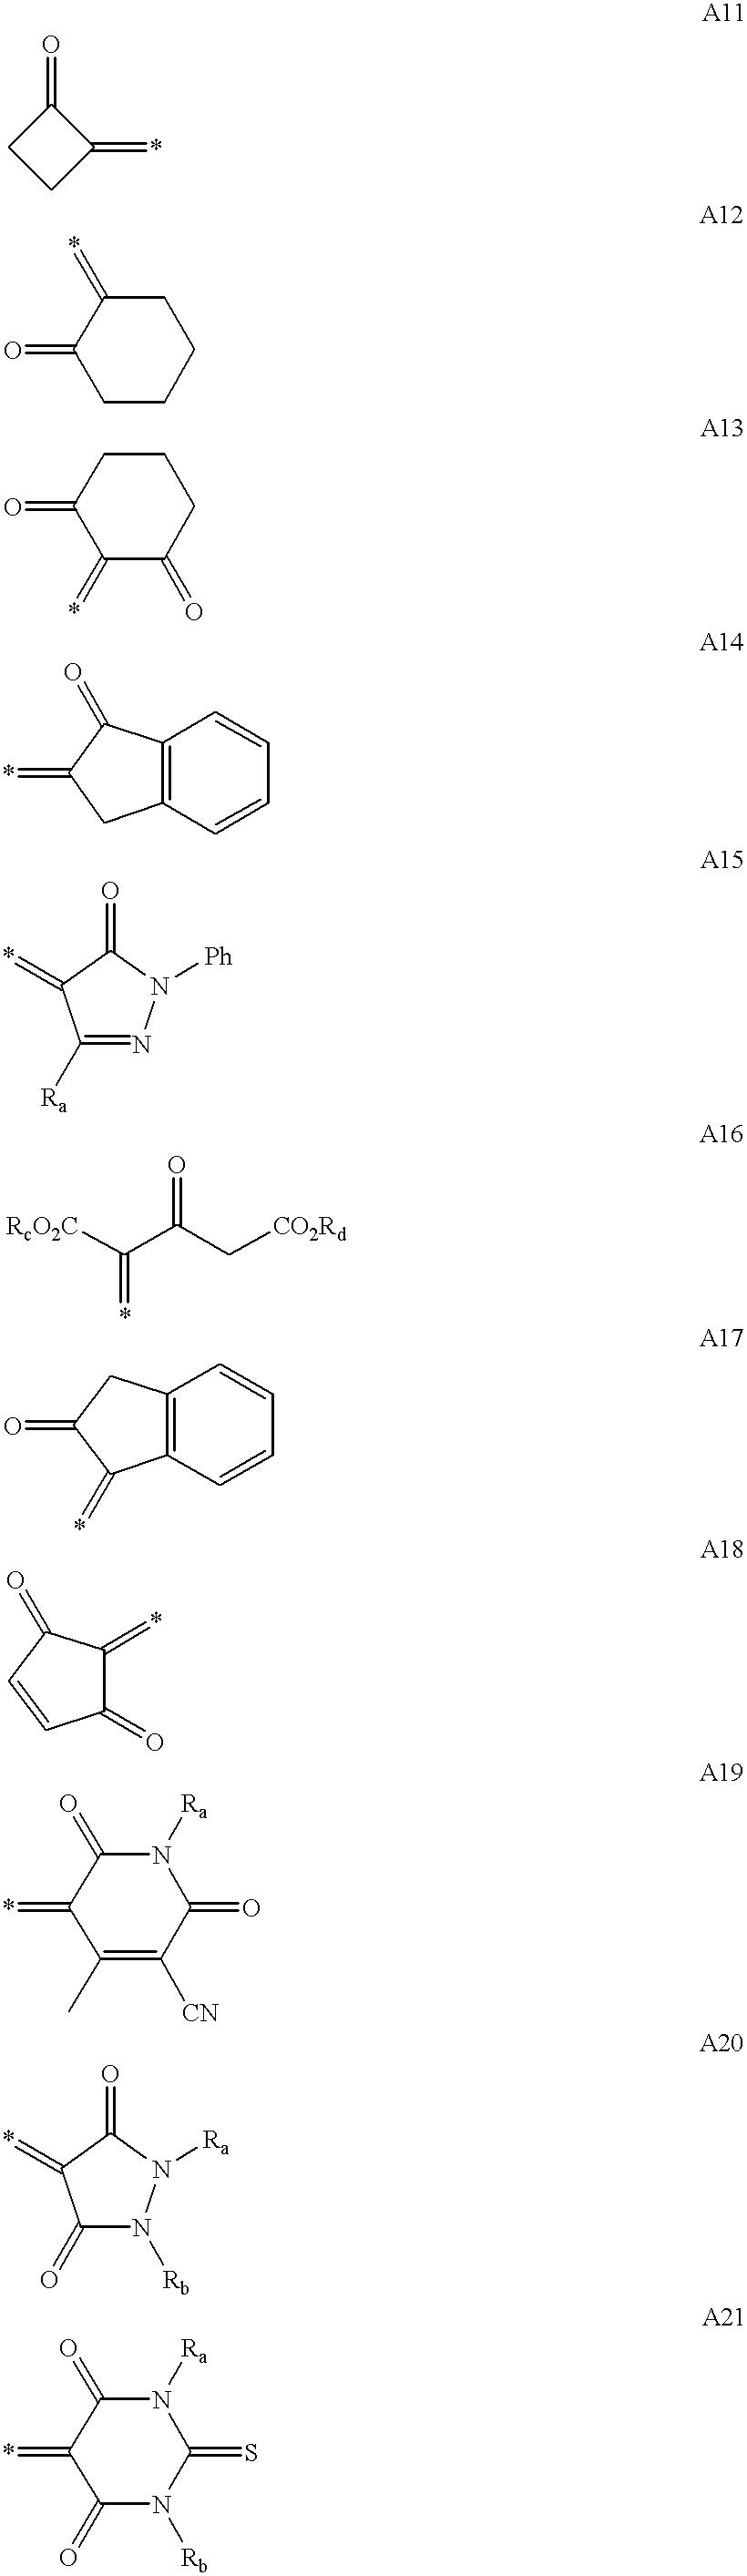 Figure US06267913-20010731-C00014